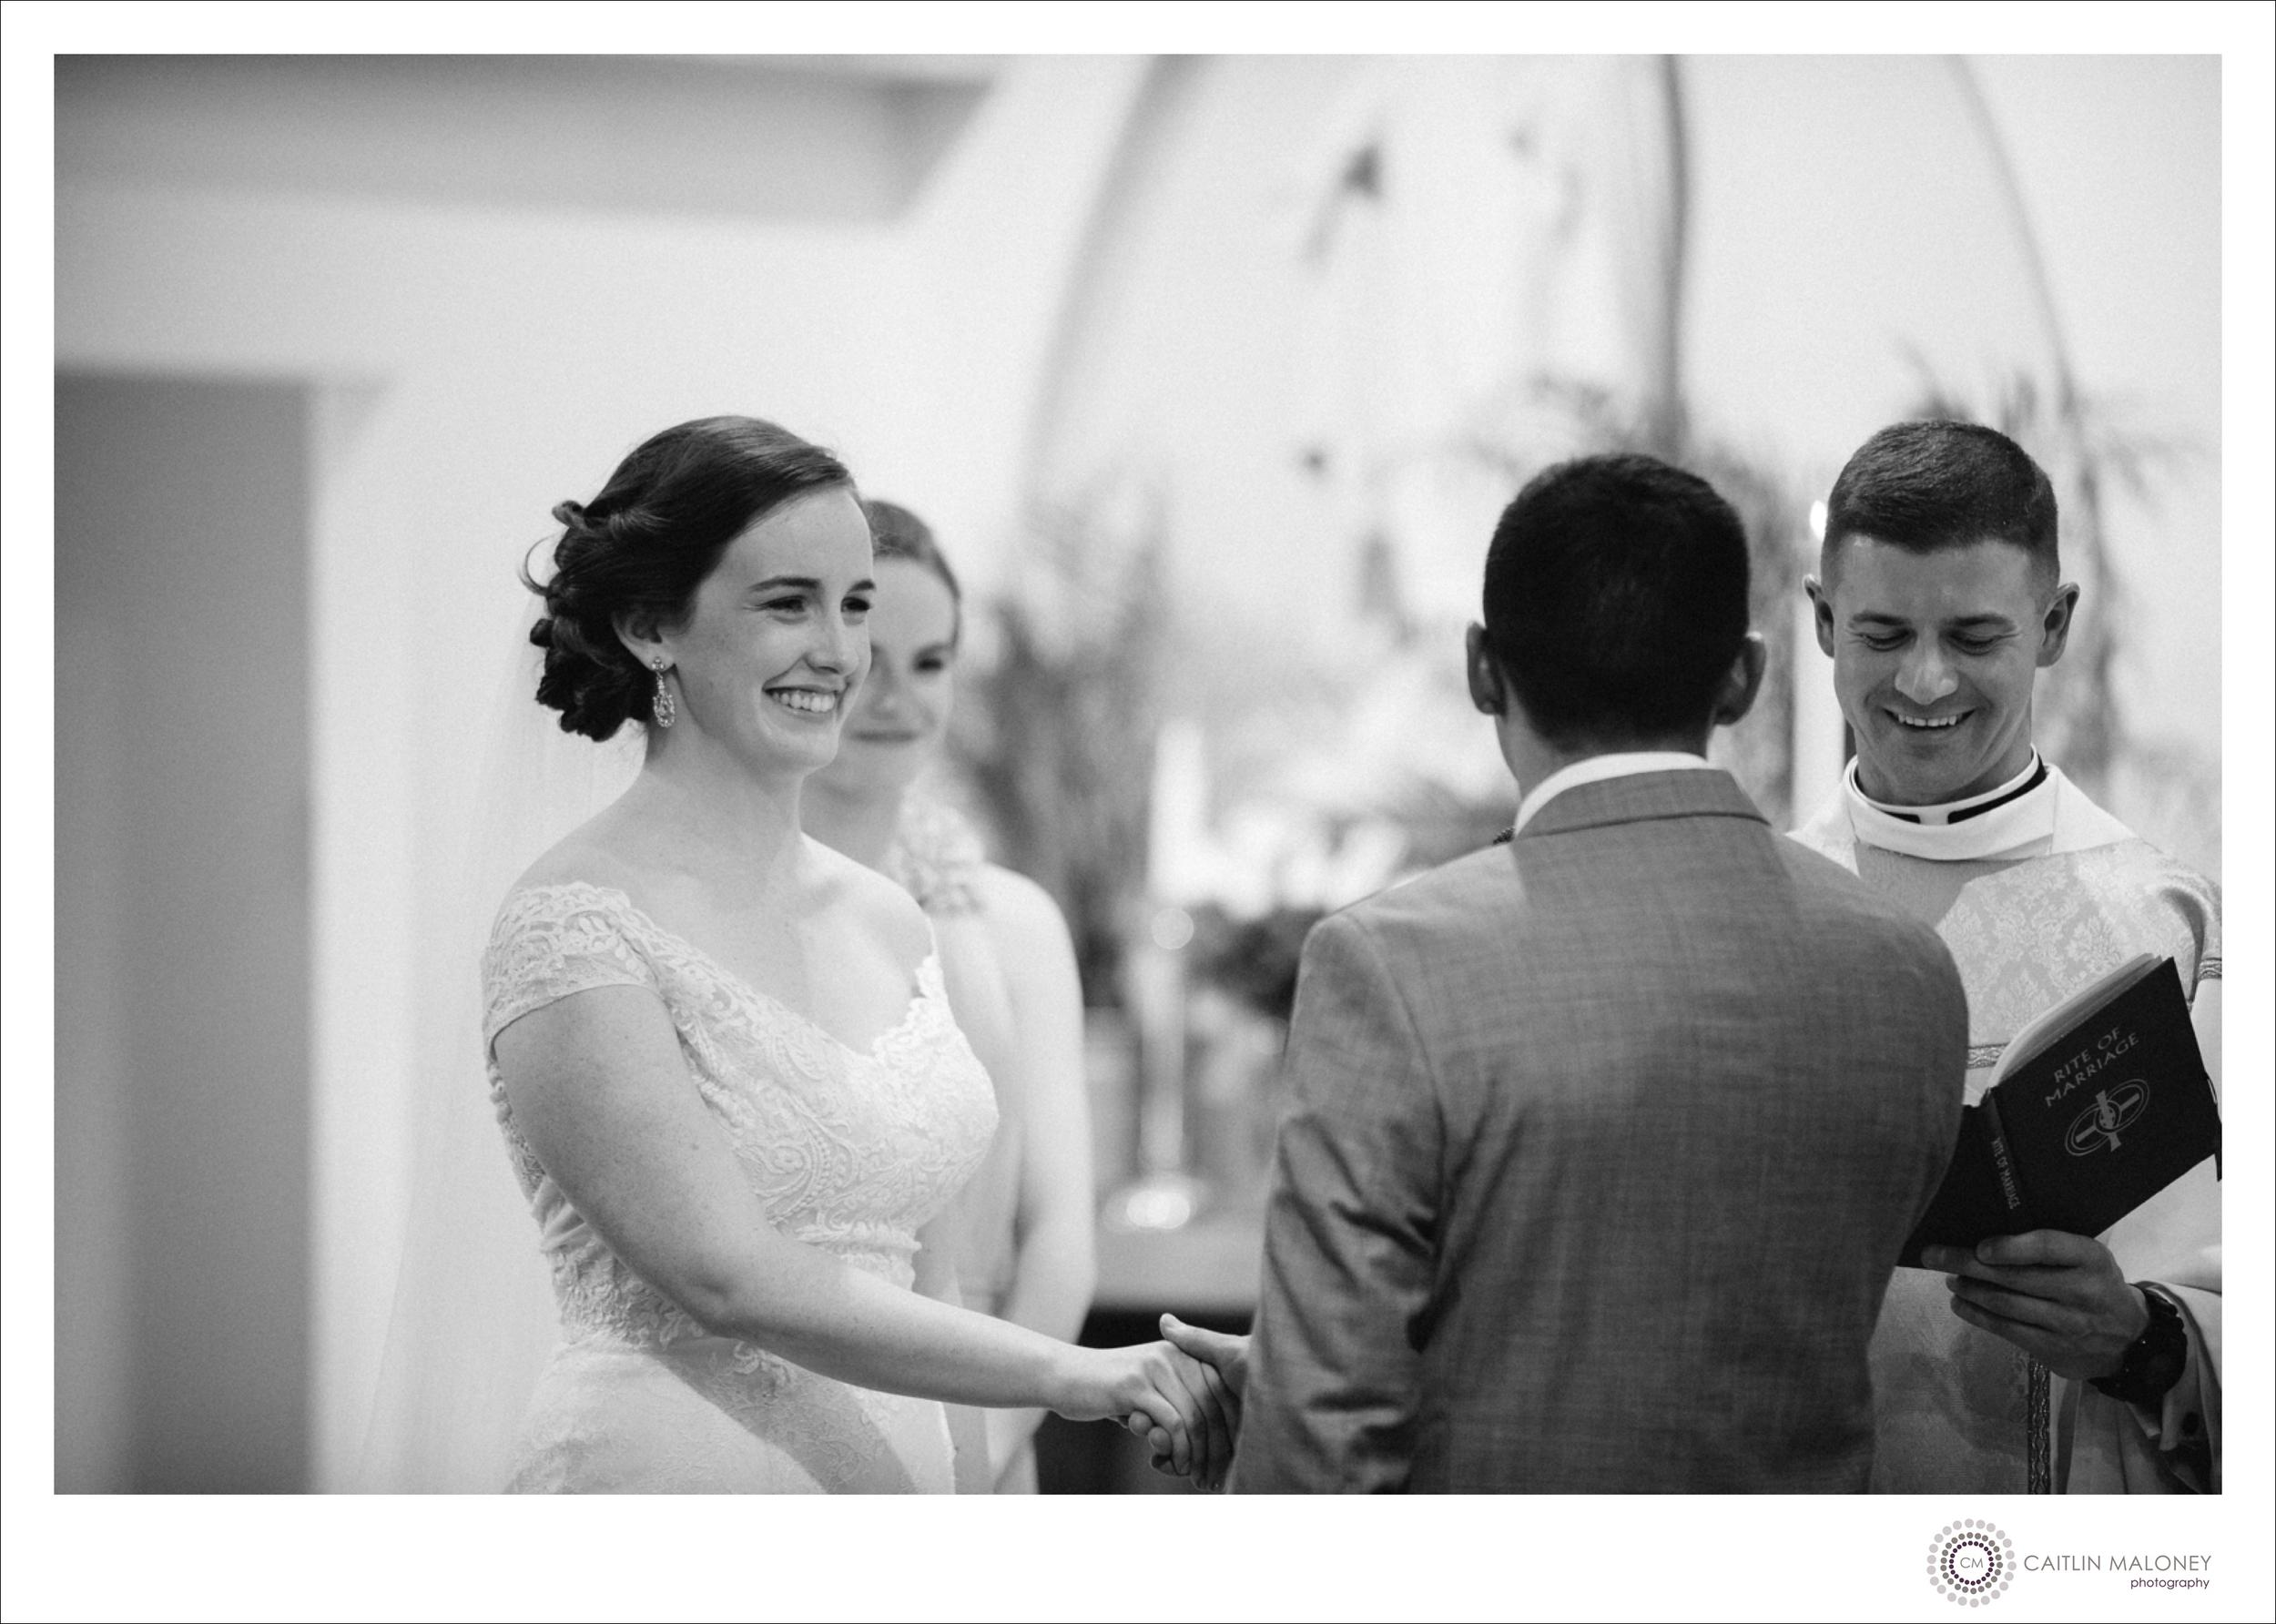 Linden_Place_Wedding_Photos_035.jpg